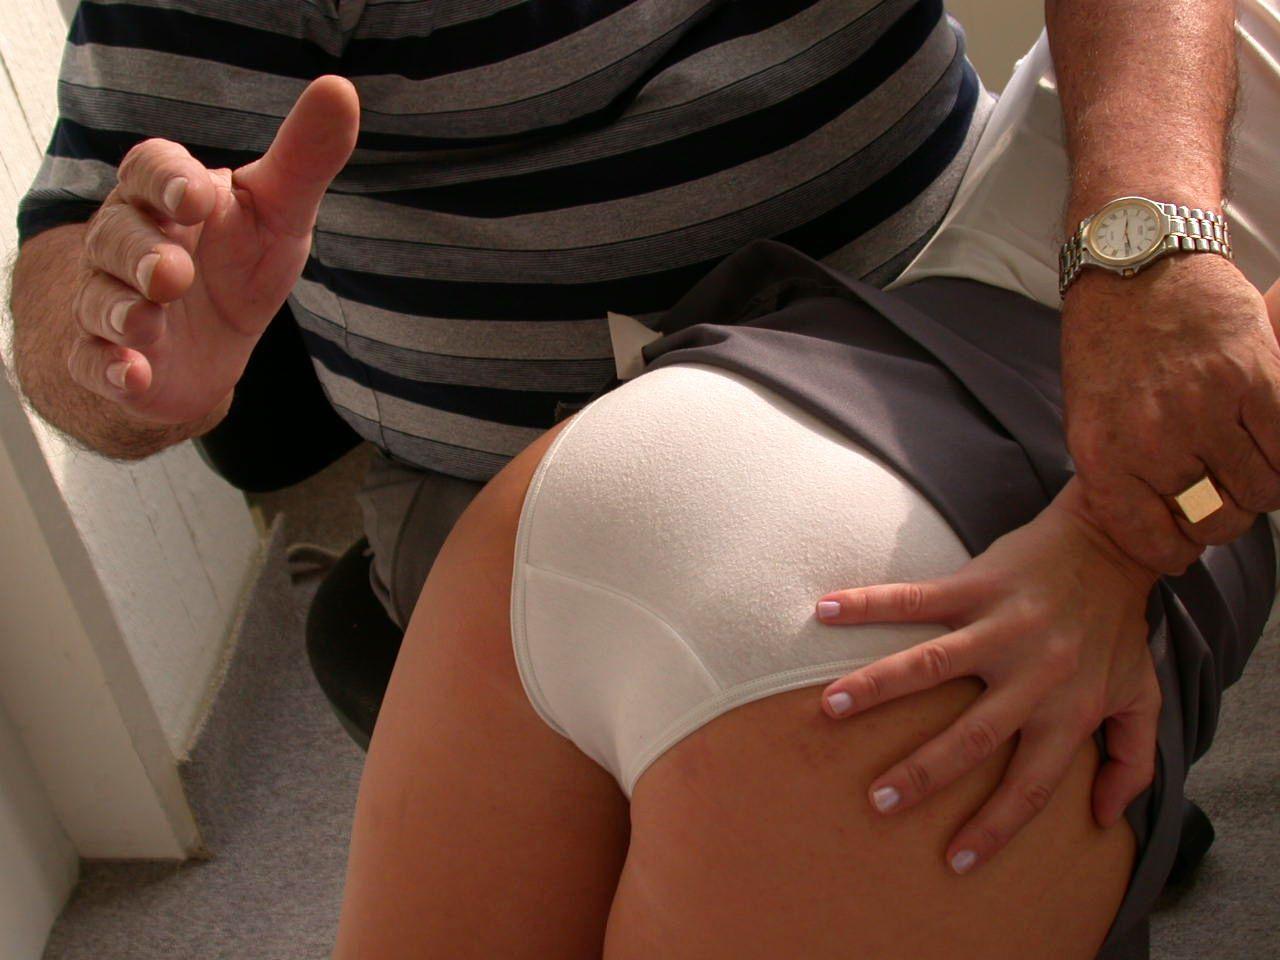 Punished in panties